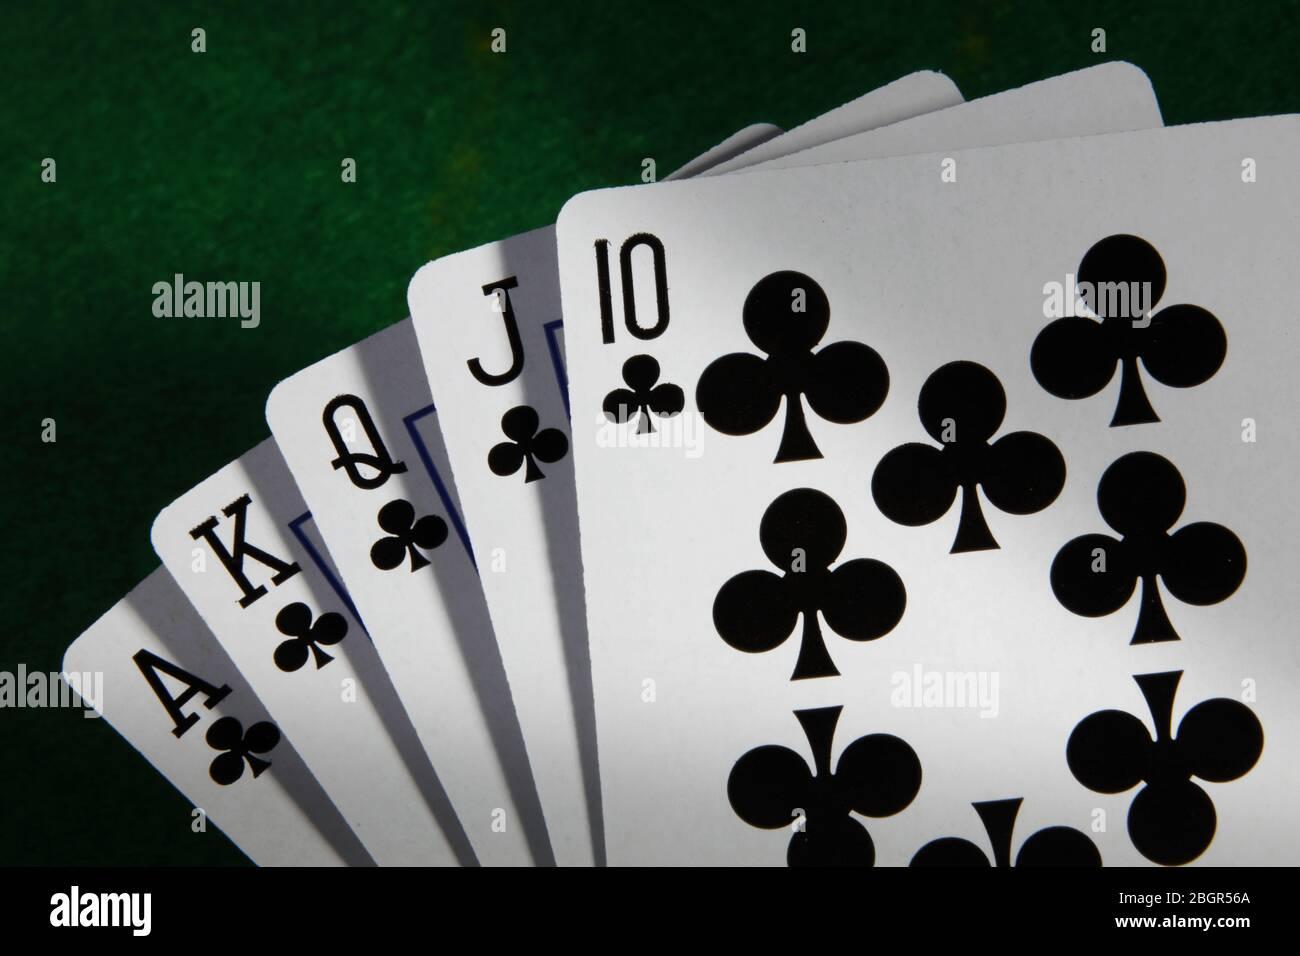 Höchste hand beim poker